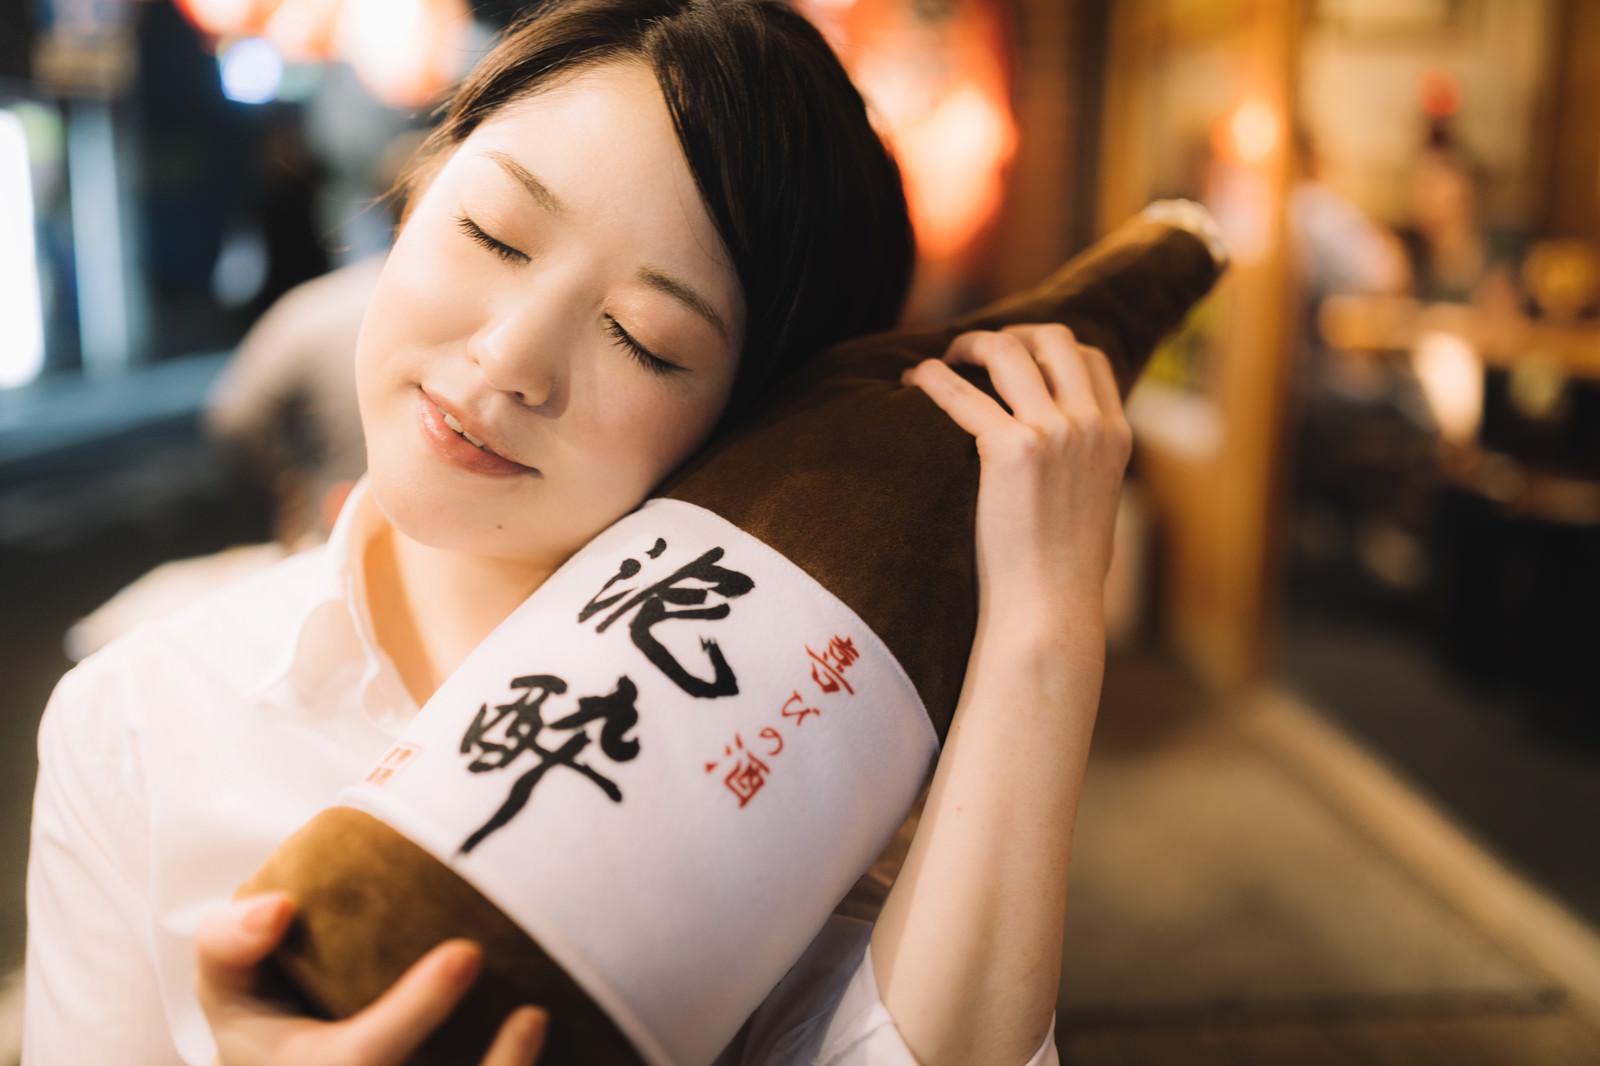 「何よりも一升瓶のお酒が大好きな女性」の写真[モデル:シマヅ]